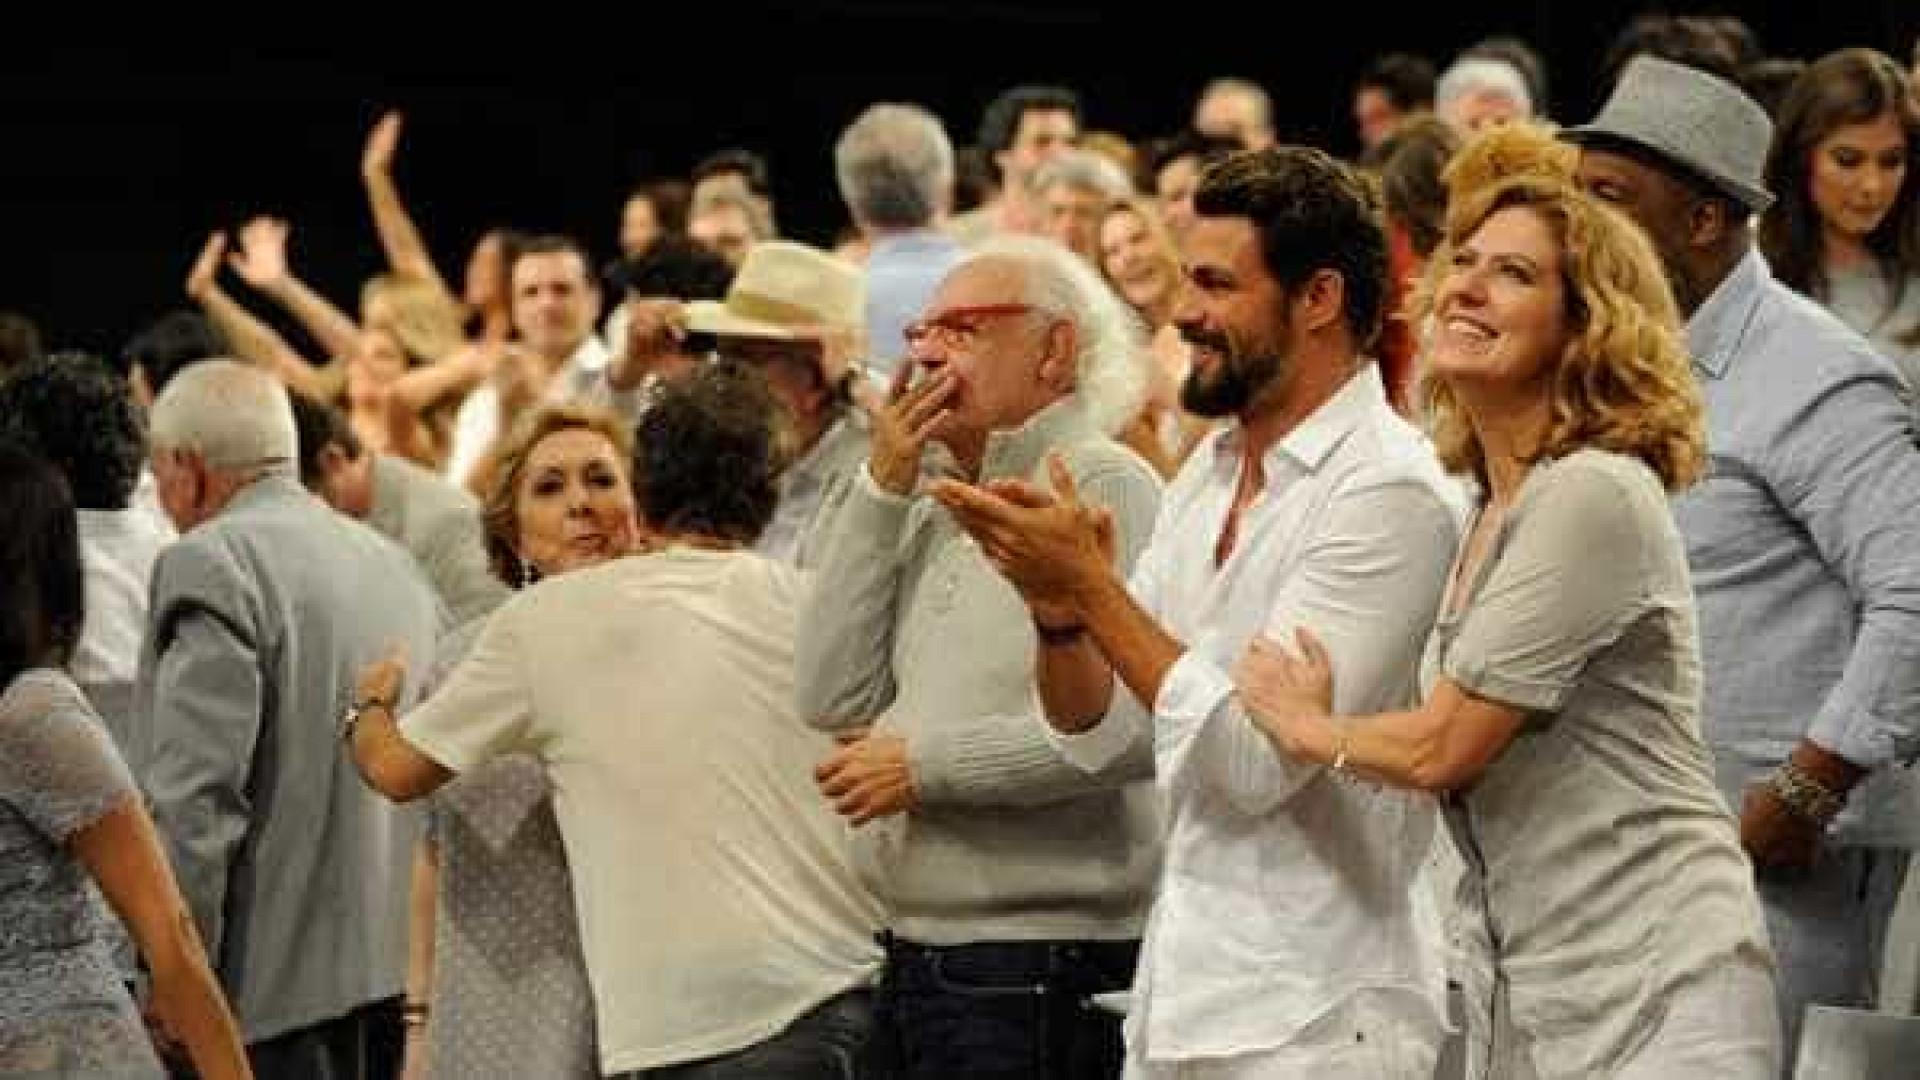 Famoso fim de ano da Globo terá presença de familiares dos artistas